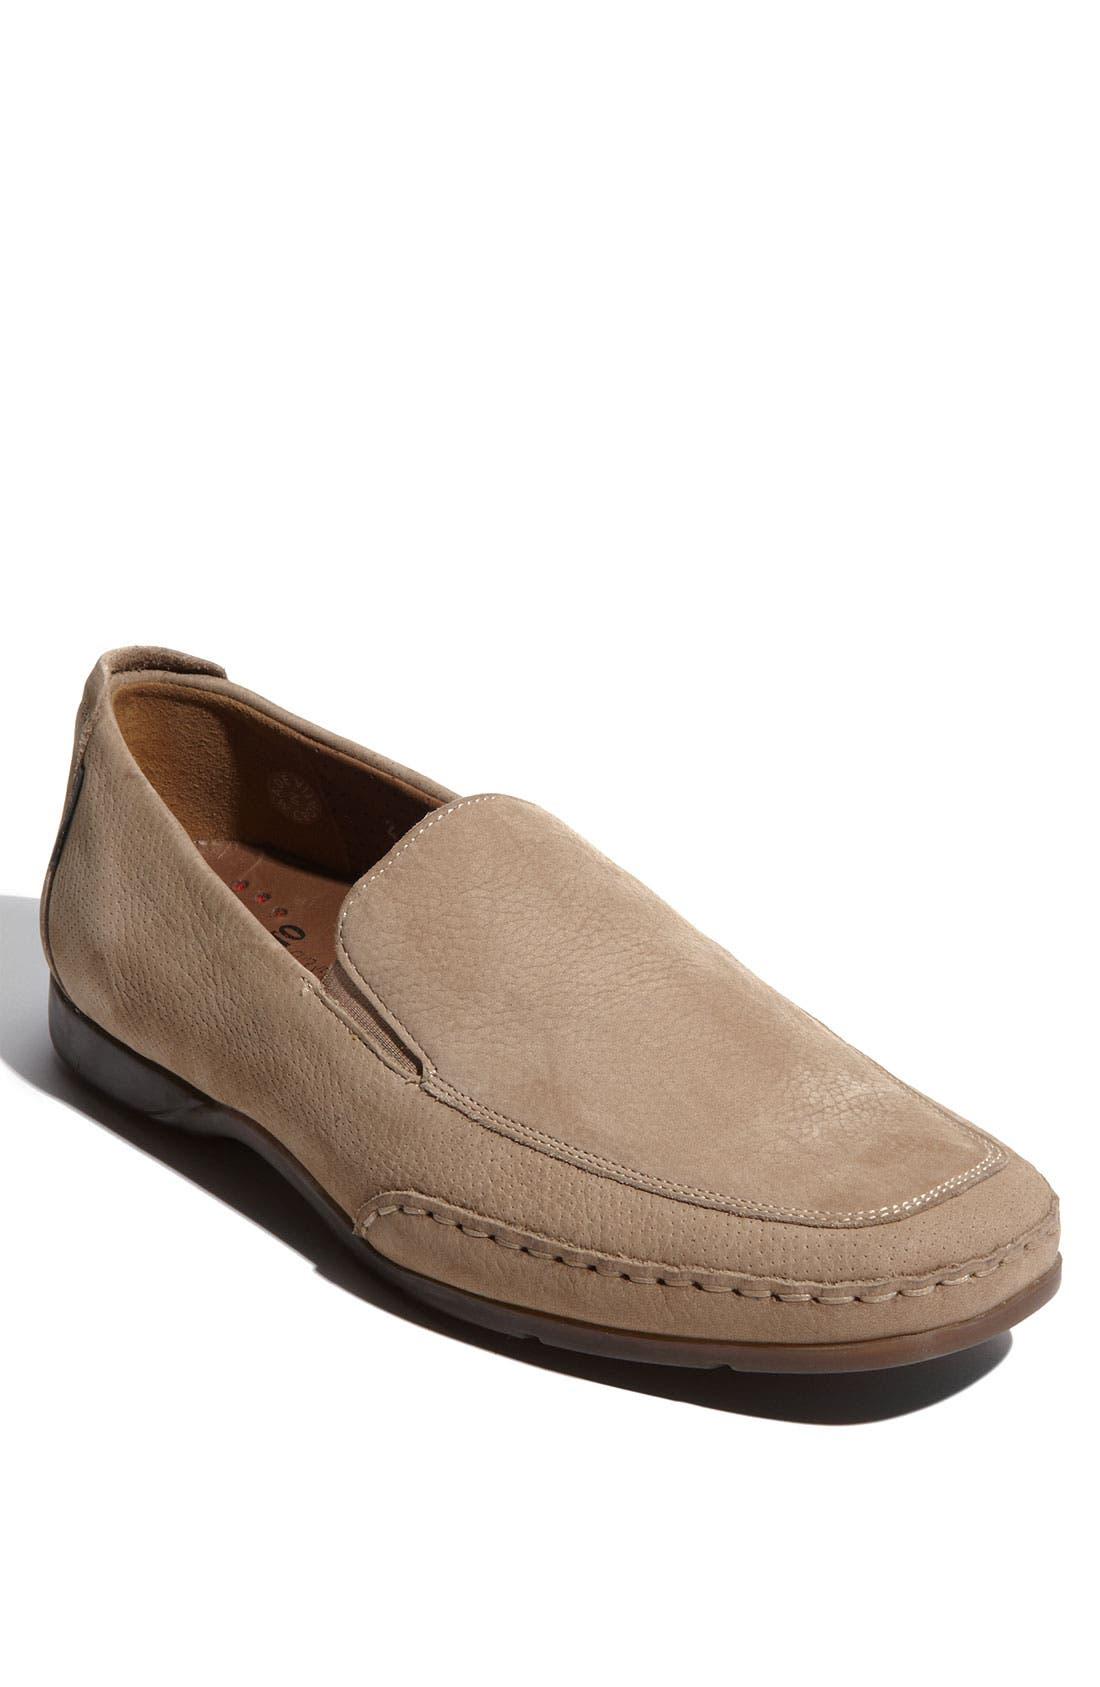 Alternate Image 1 Selected - Mephisto 'Edlef' Perforated Shoe